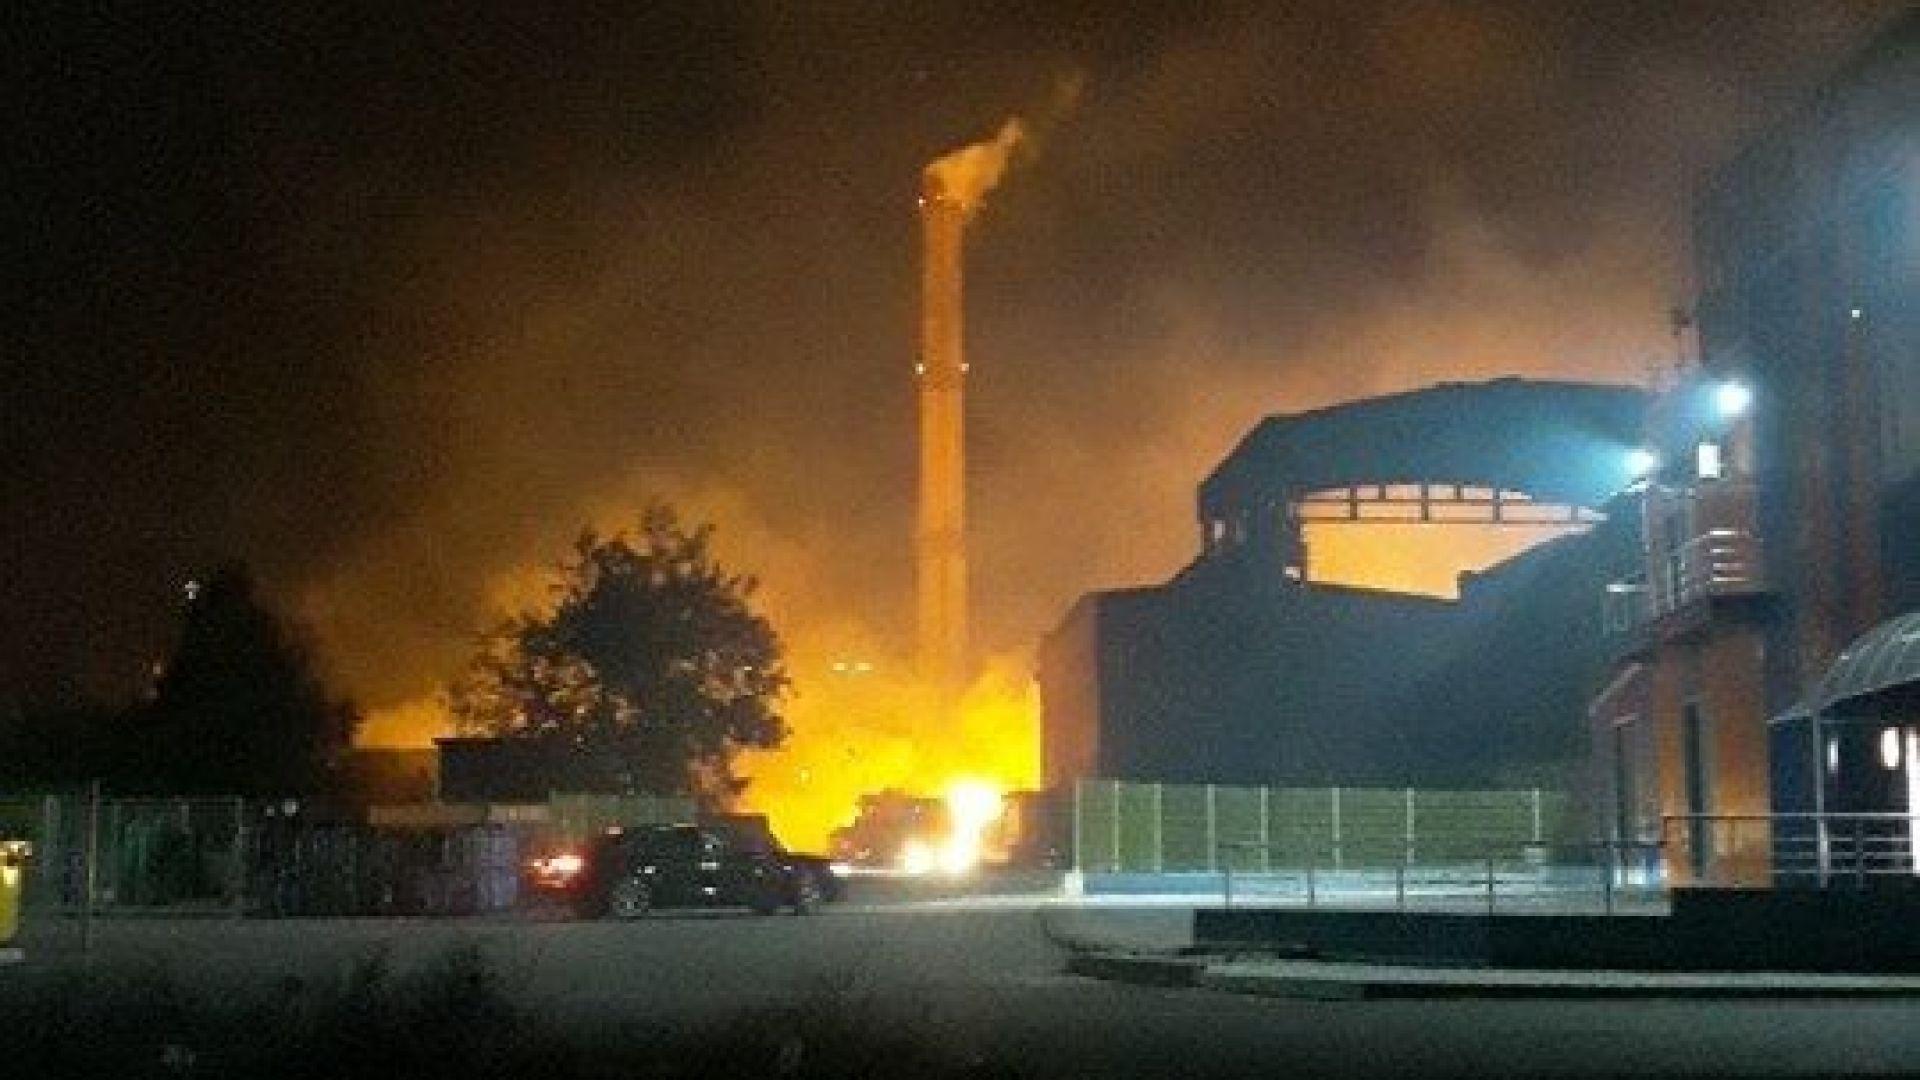 Водещата версия за пожара в ТЕЦ-а: Искри от проводници възпламенили балите